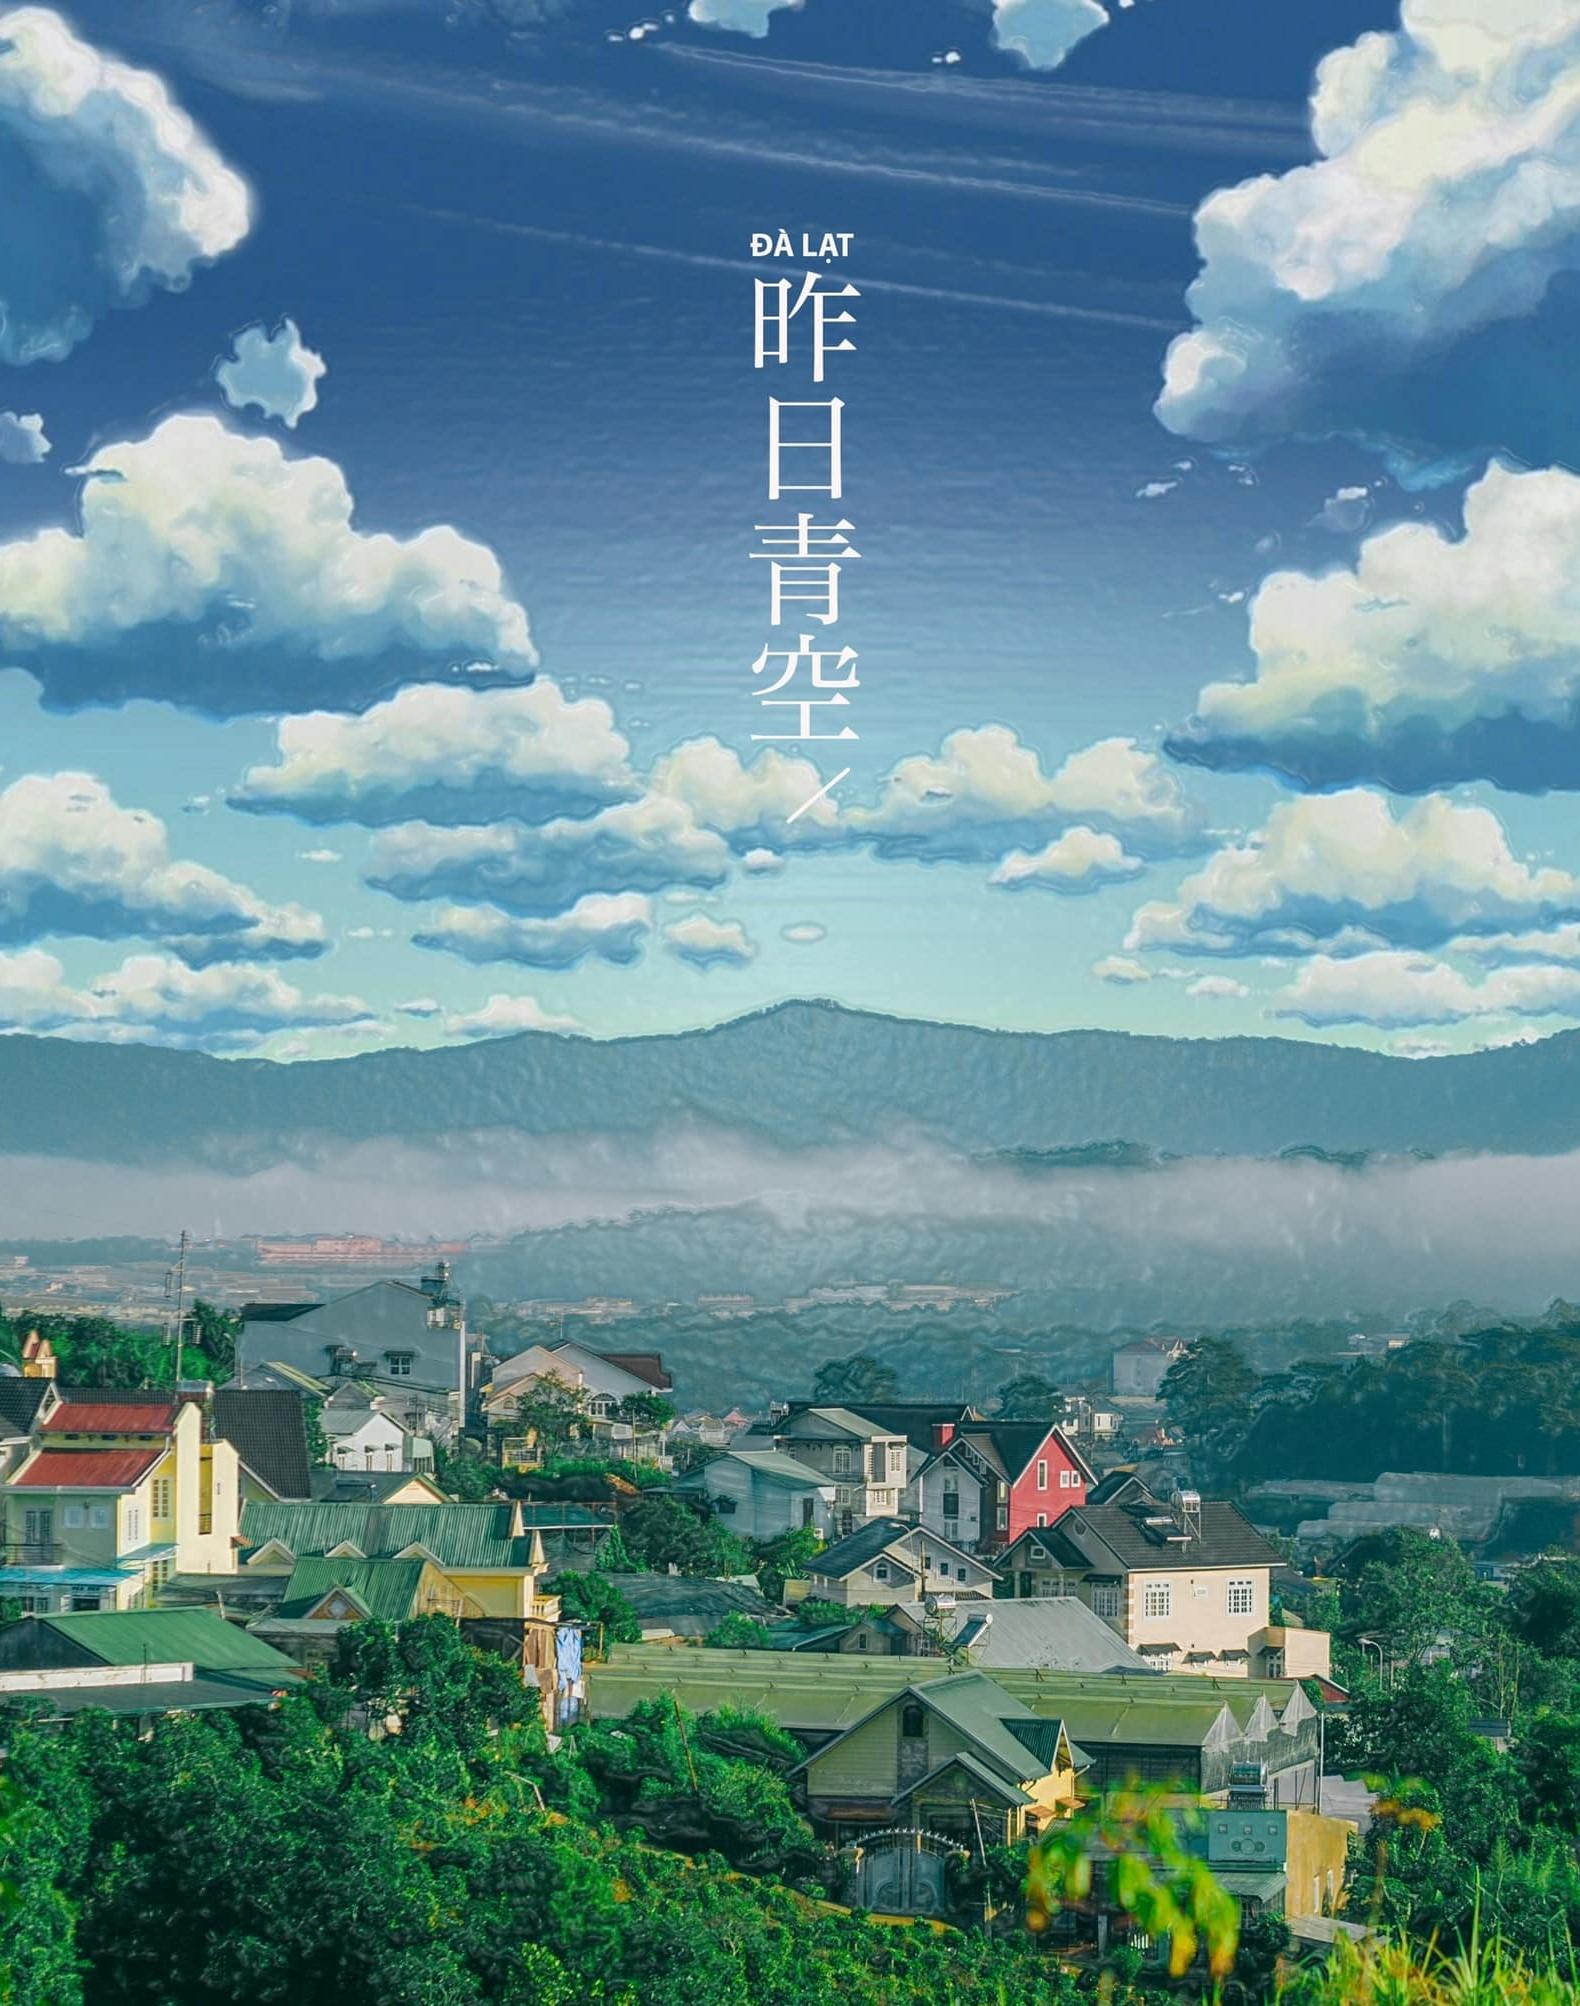 bộ ảnh Đà Lạt phiên bản anime